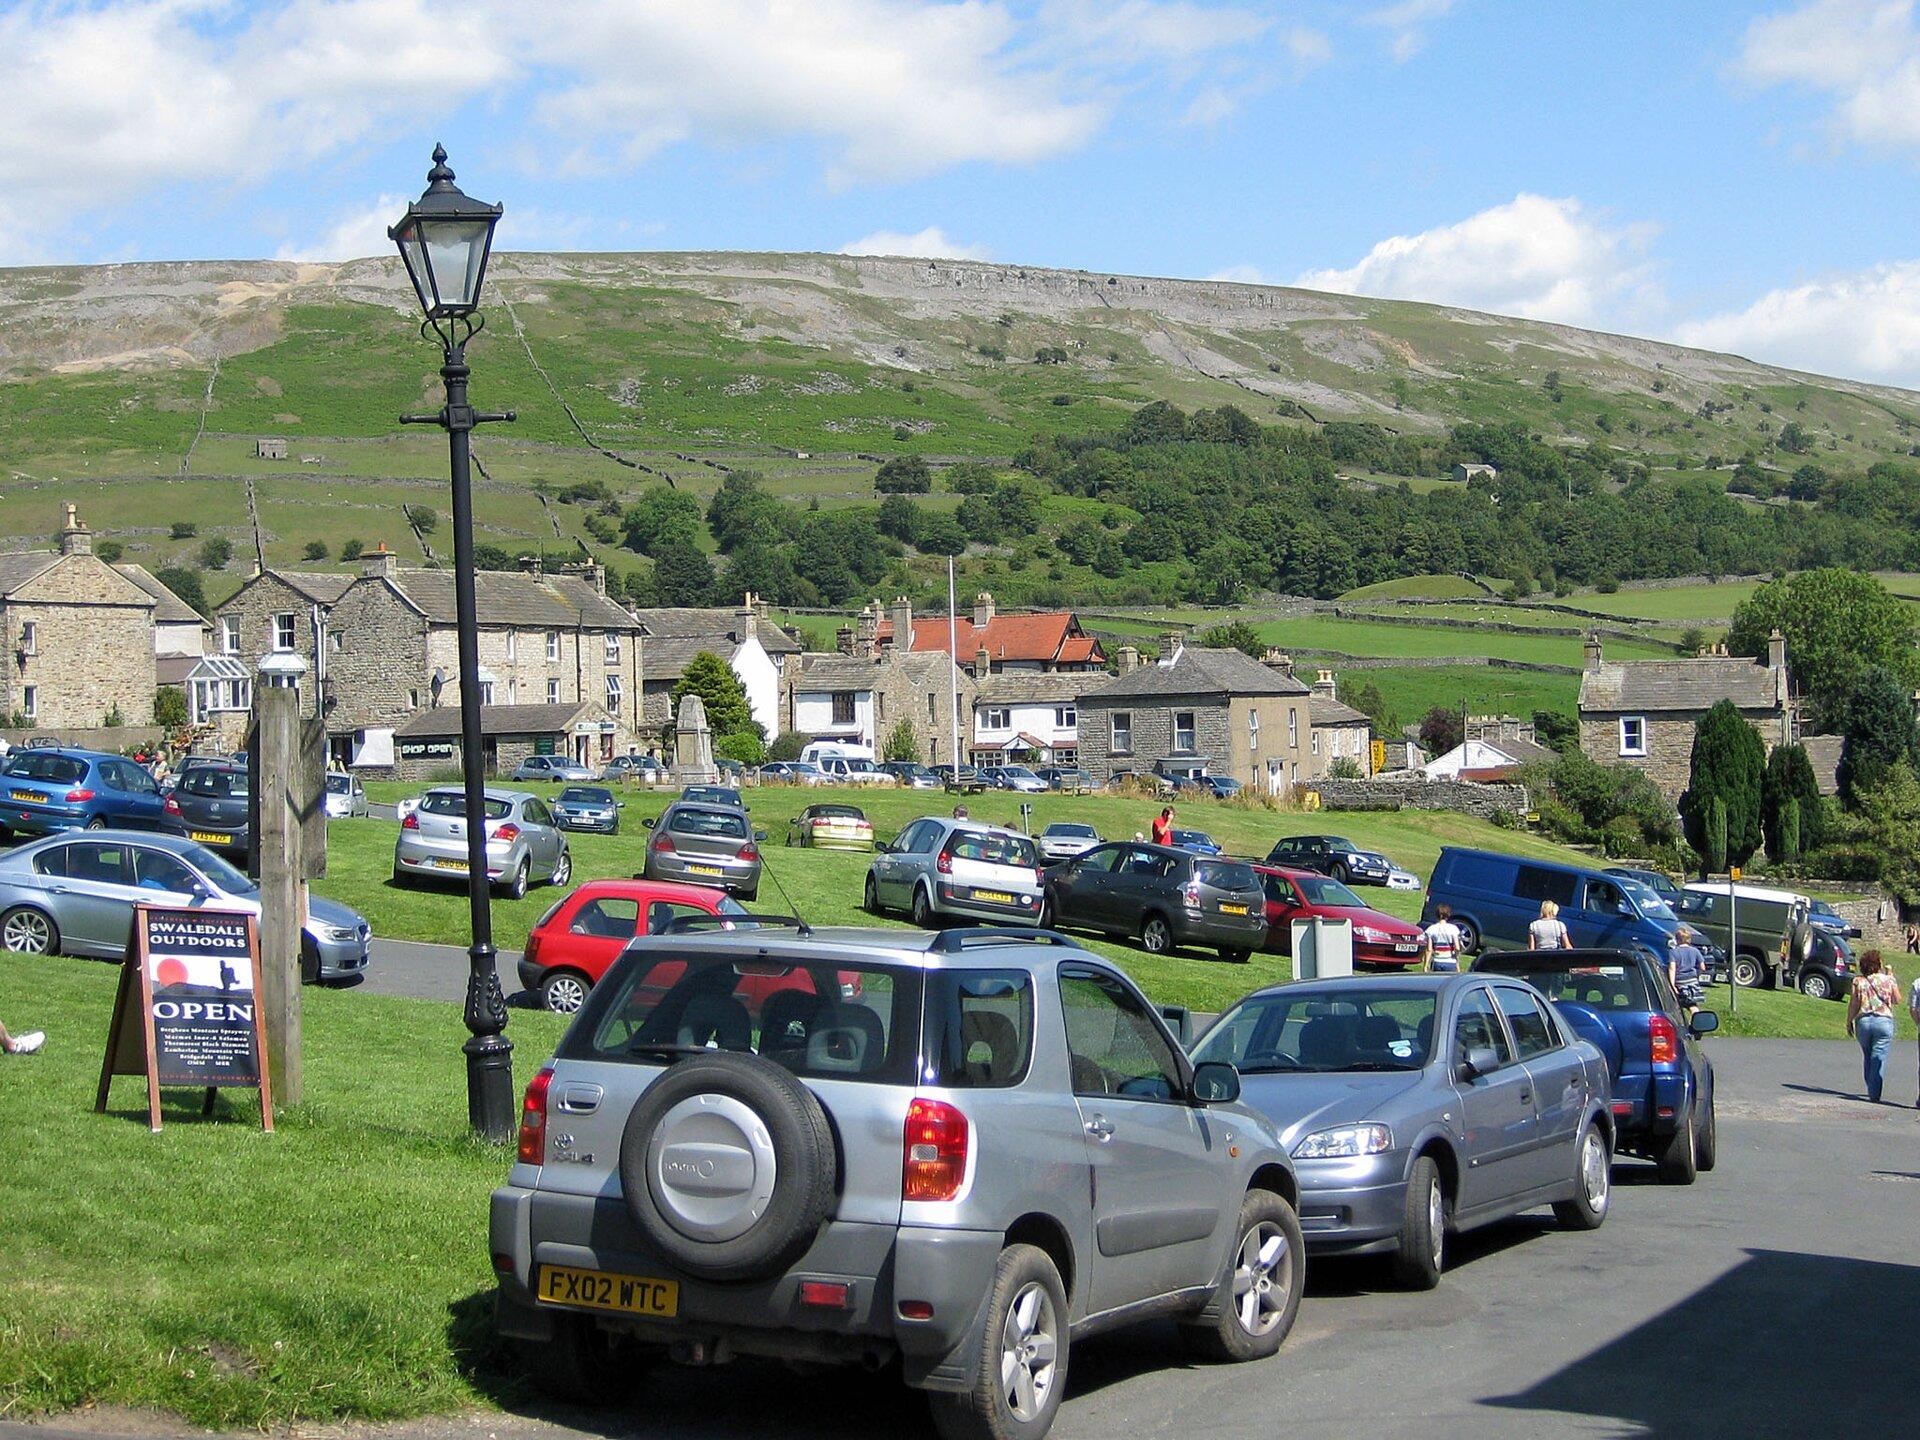 Na zdjęciu wieś. Na pierwszym planie duża liczba zaparkowanych samochodów. Wzdłuż ulicy ina trawnikach. Wtle zabudowania, kamienne domy ze spadzistymi dachami. Dalej teren górski. Łagodne stoki pokryte drzewami.